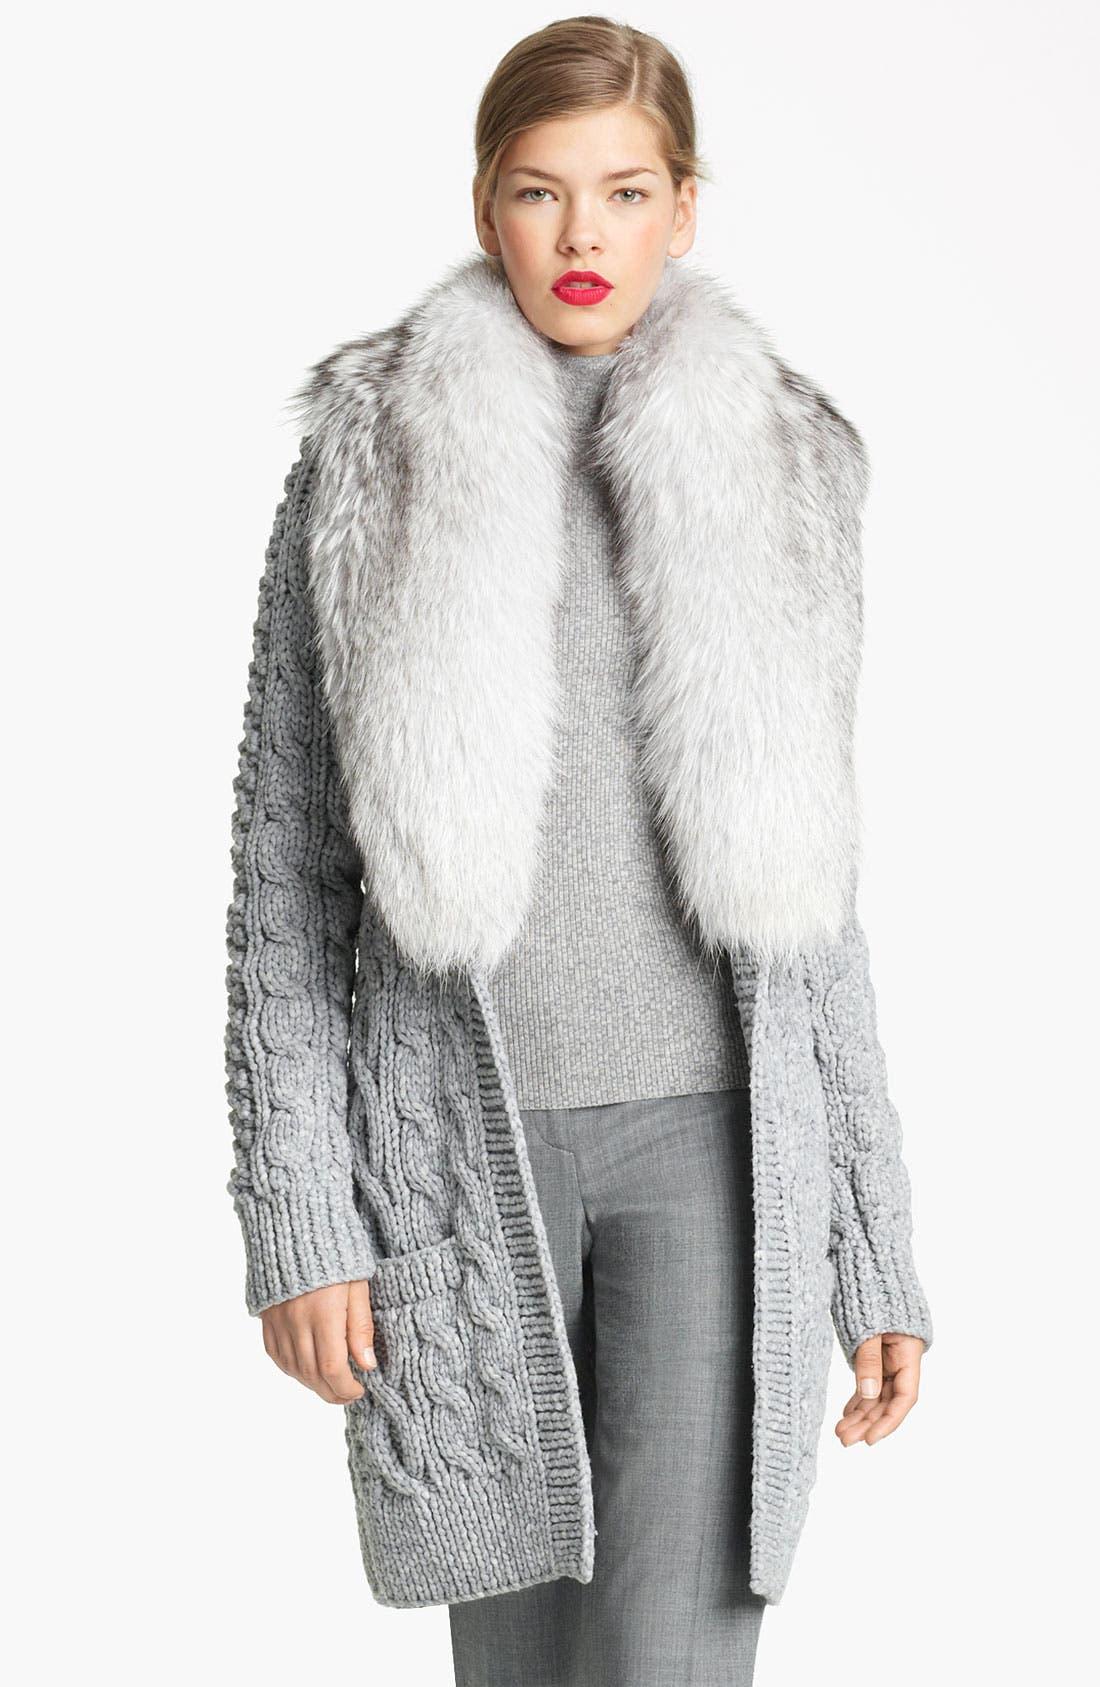 Alternate Image 1 Selected - Michael Kors Genuine Fox Fur Collar Cardigan